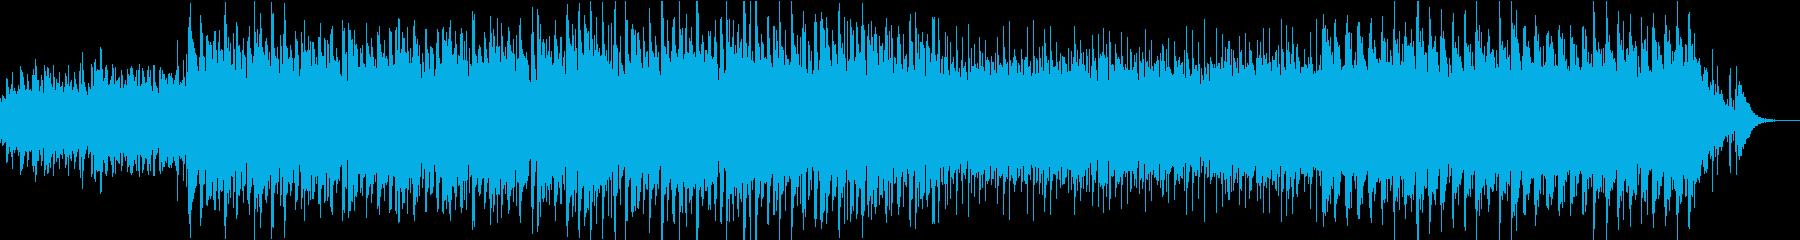 キラキラした雰囲気のエレクトロの再生済みの波形